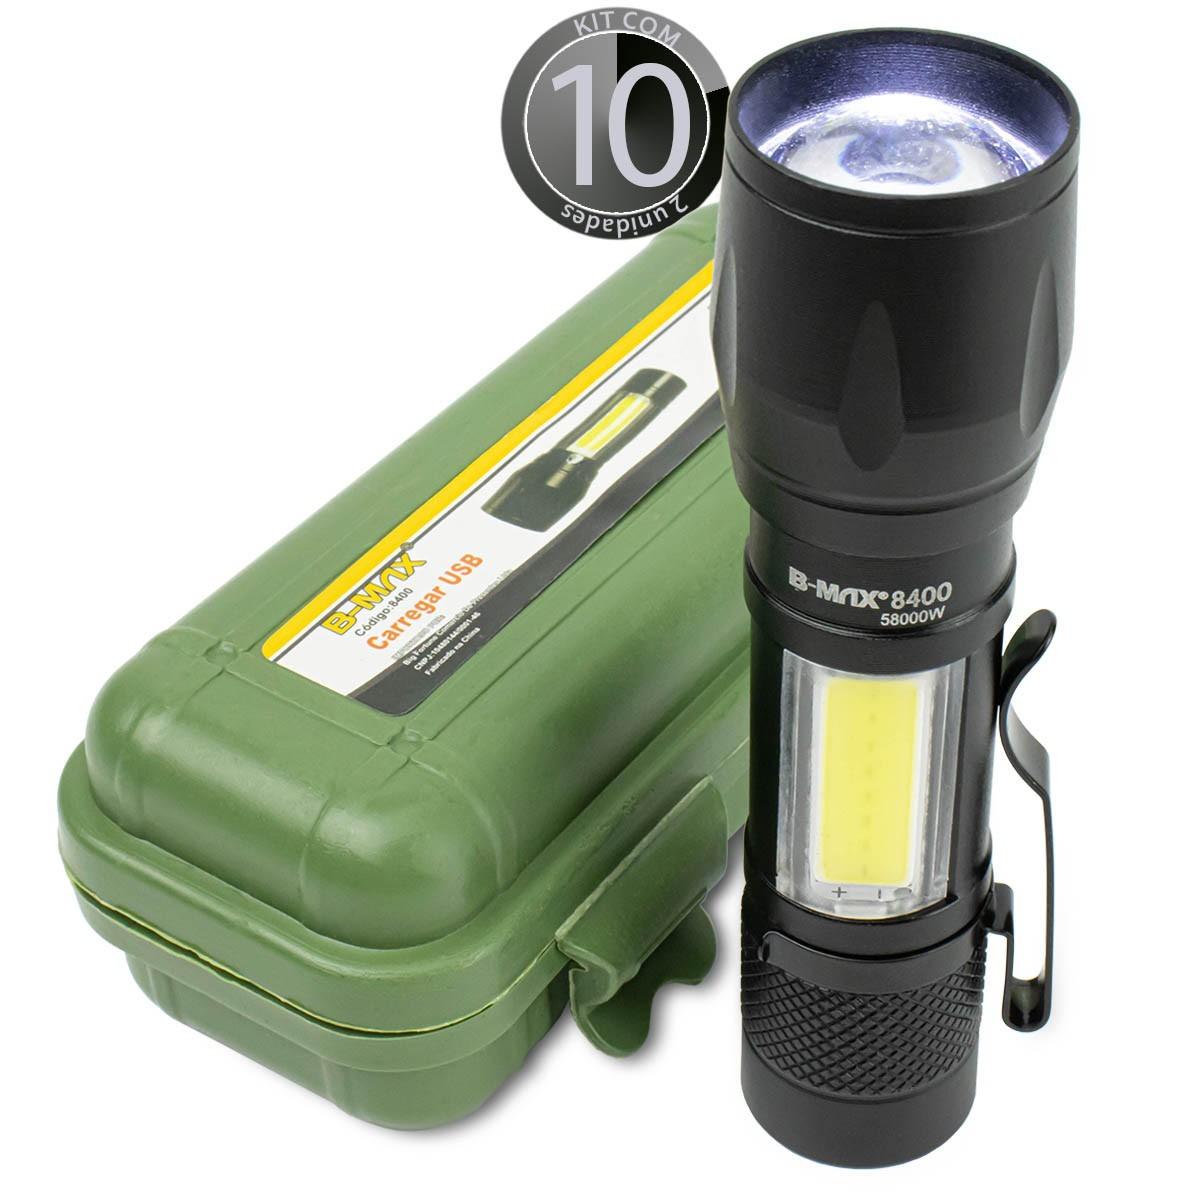 KIT 10x Lanterna Led Mini Recarregável via Usb B-Max BM8400